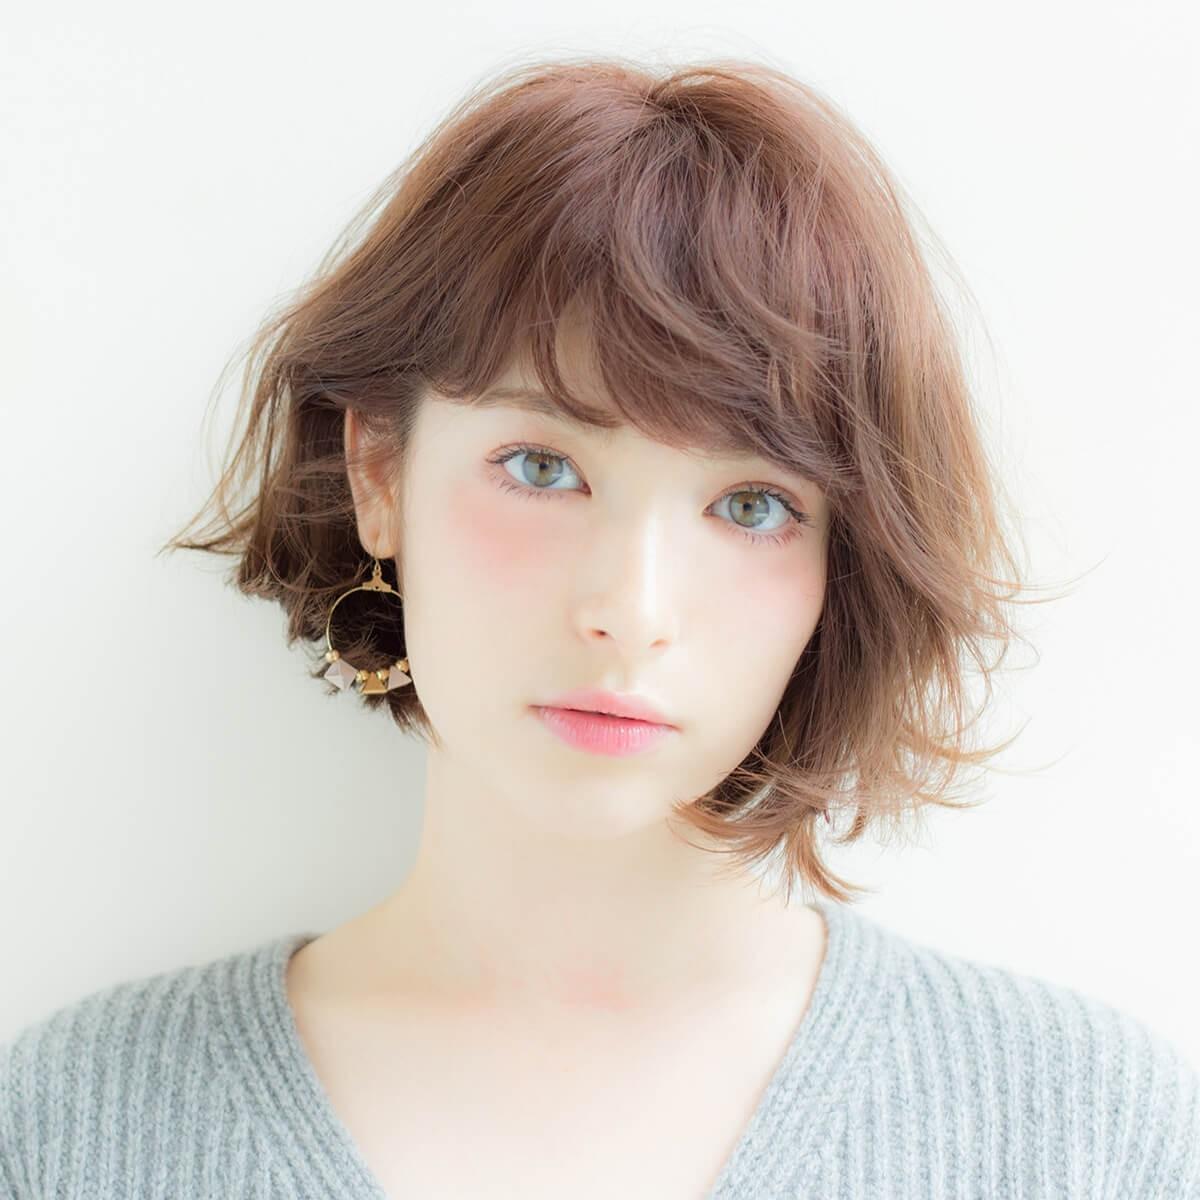 冬~春の注目株!! エアリーボブカタログ